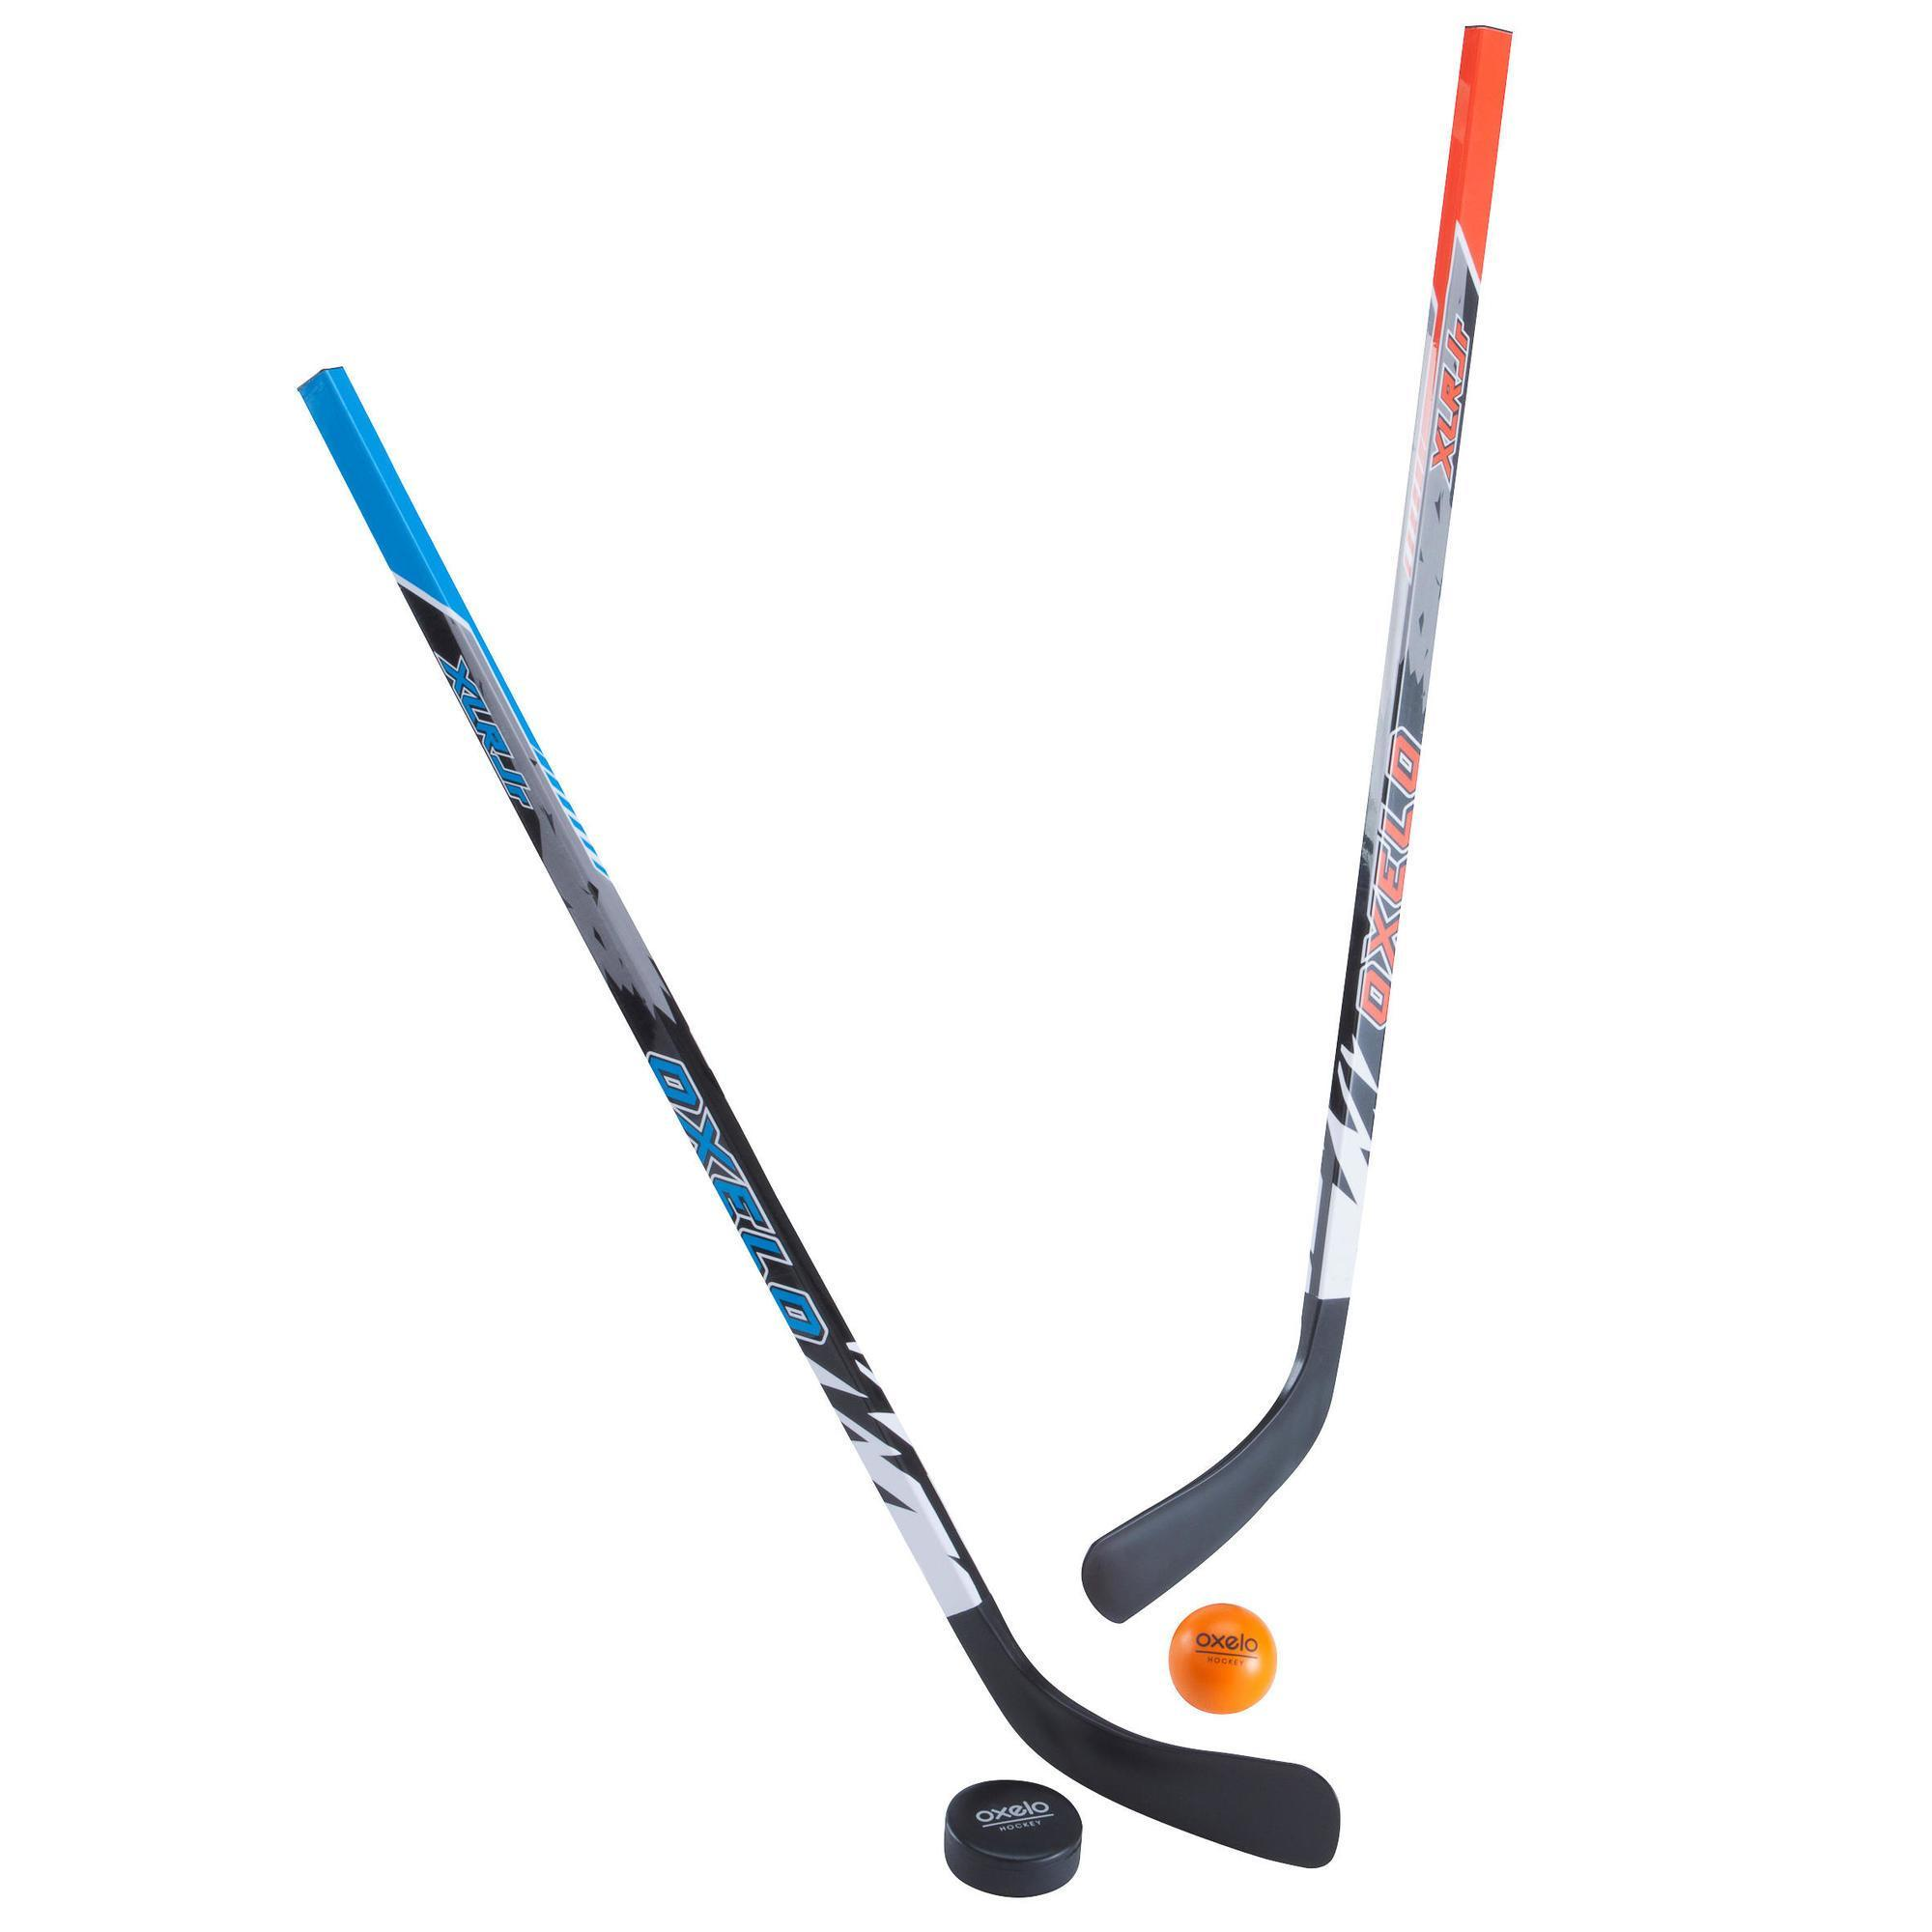 Oxelo Set voor zaalhockey